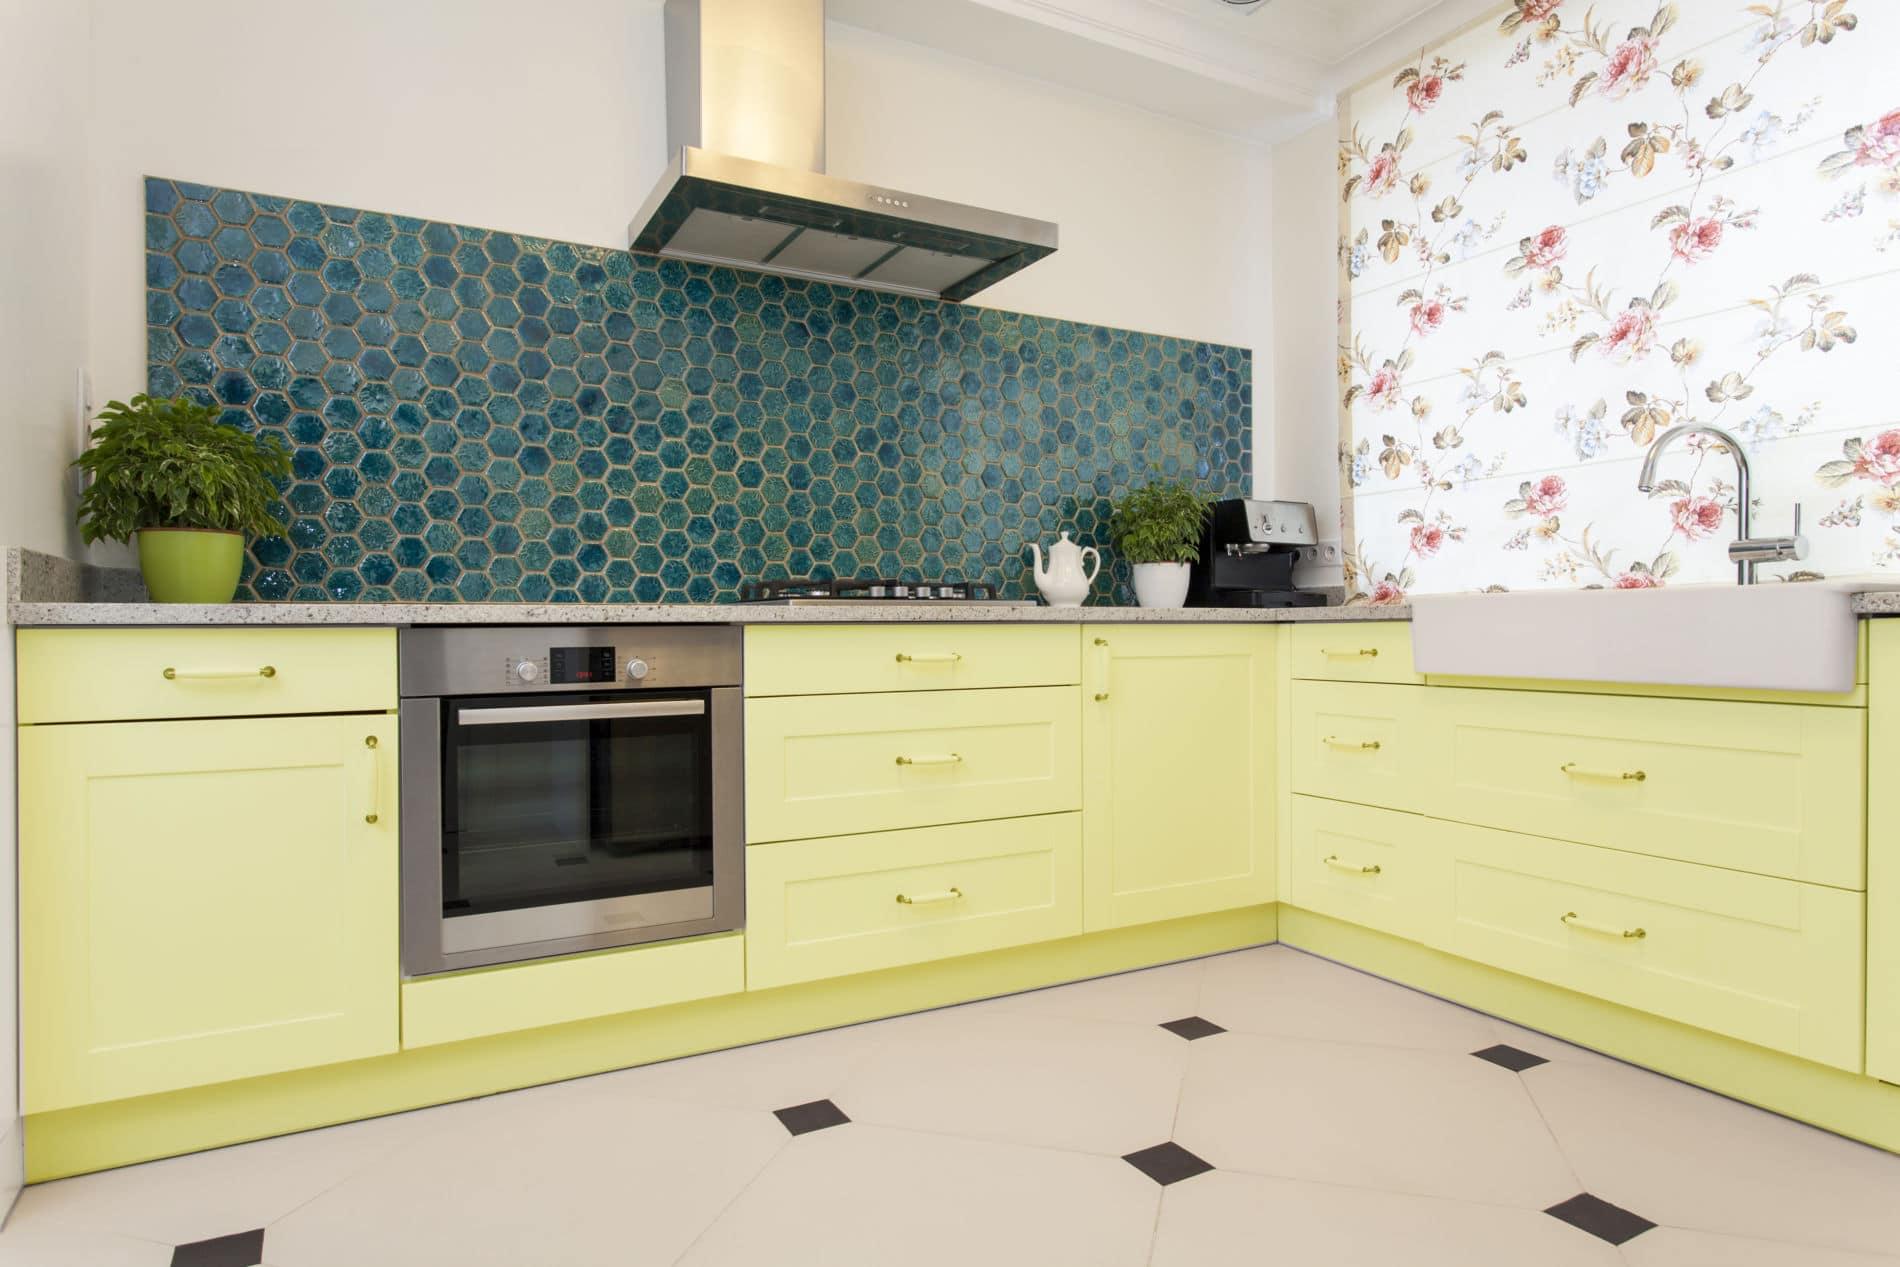 מטבחים מודרניים - מטבח מודרני מעוצב בצהוב